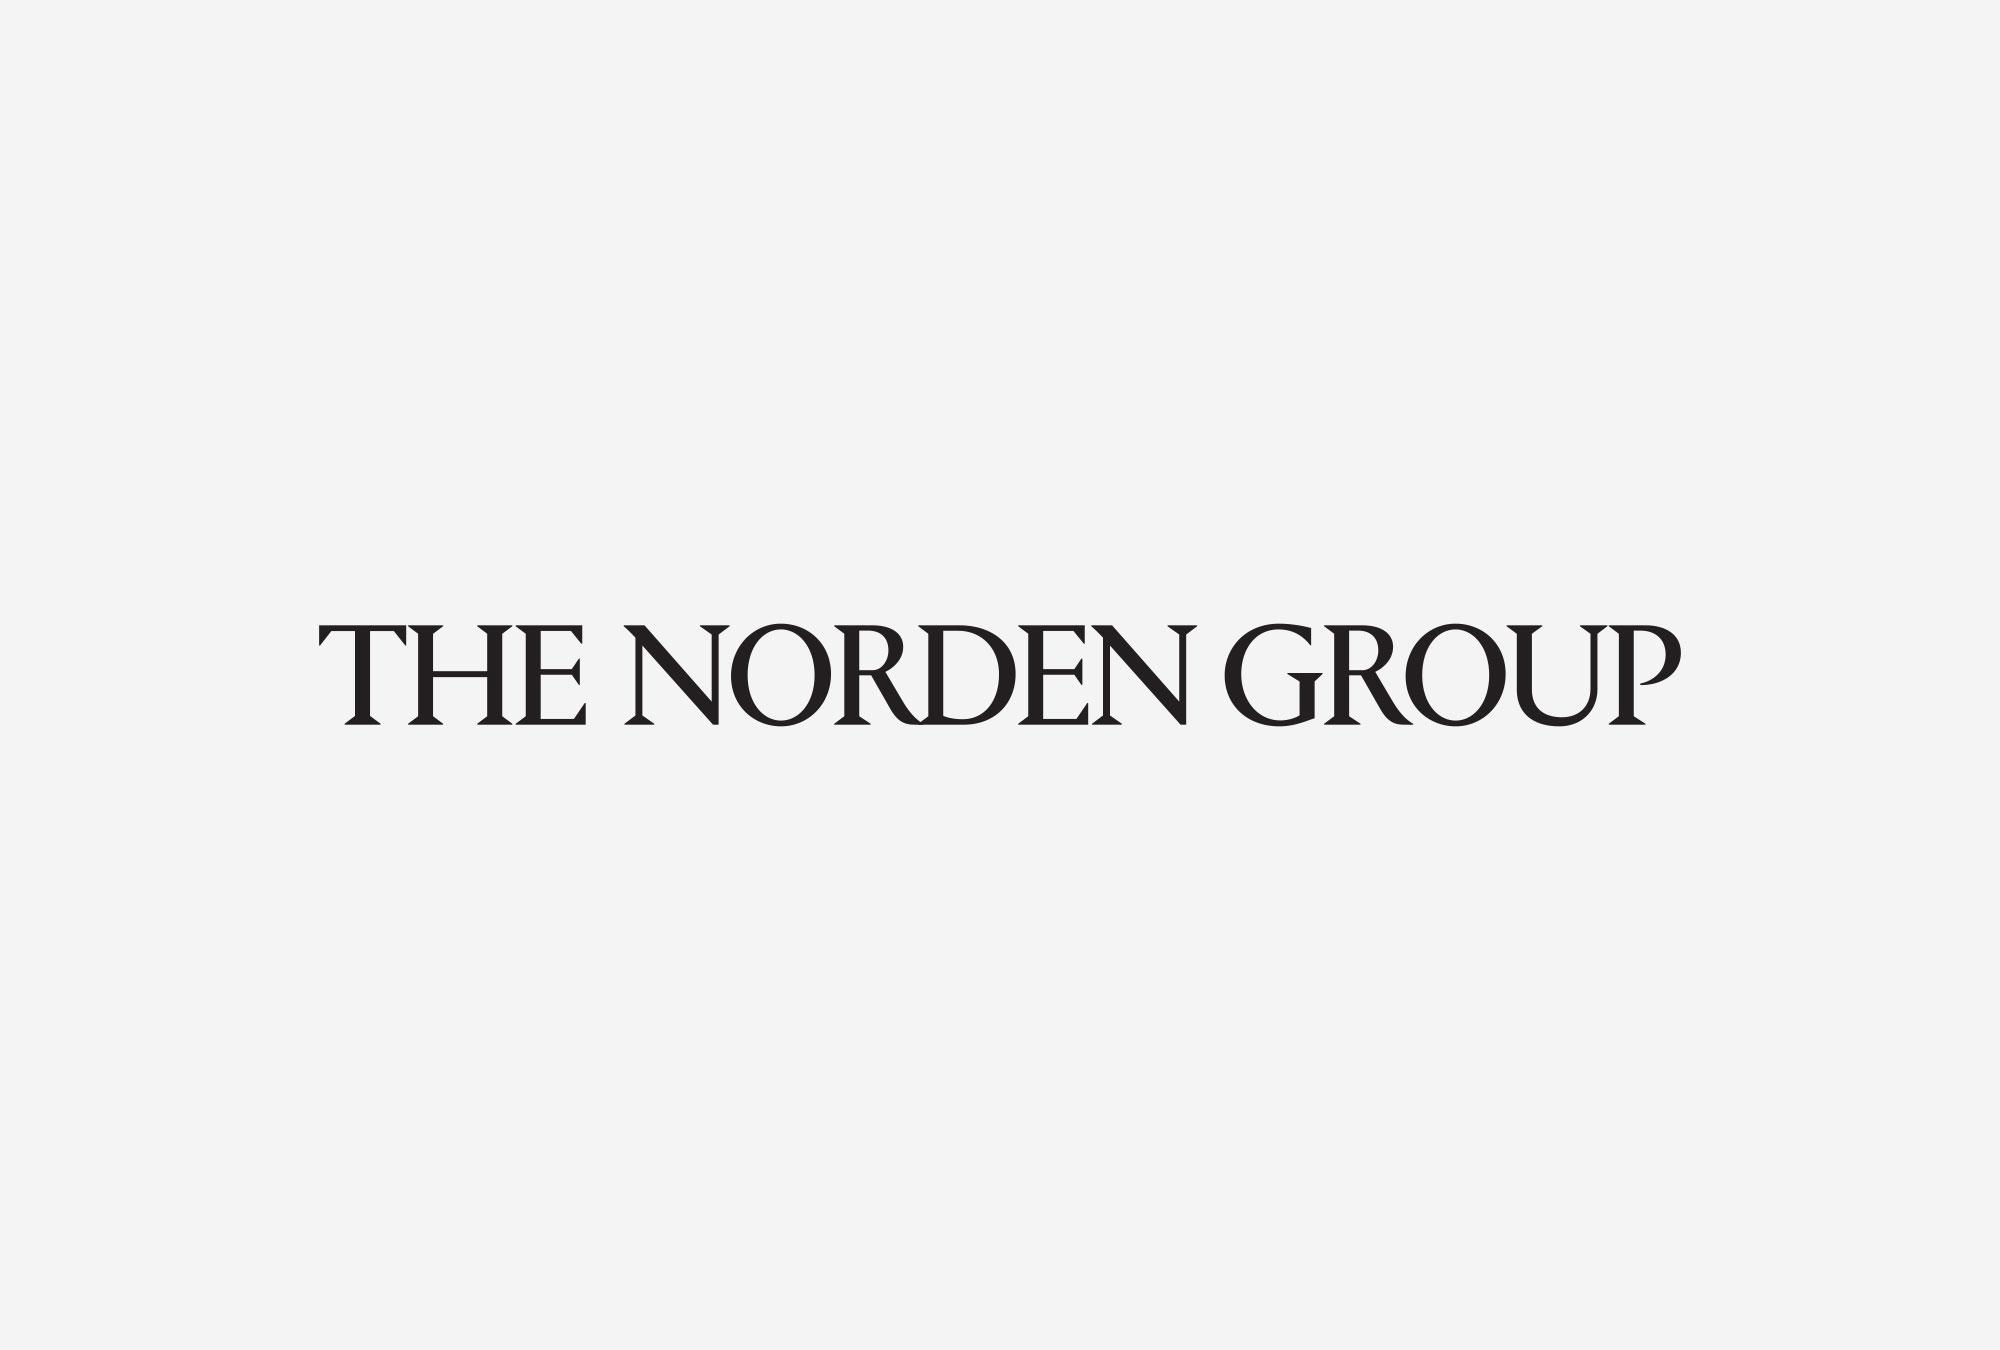 norden_wordmark